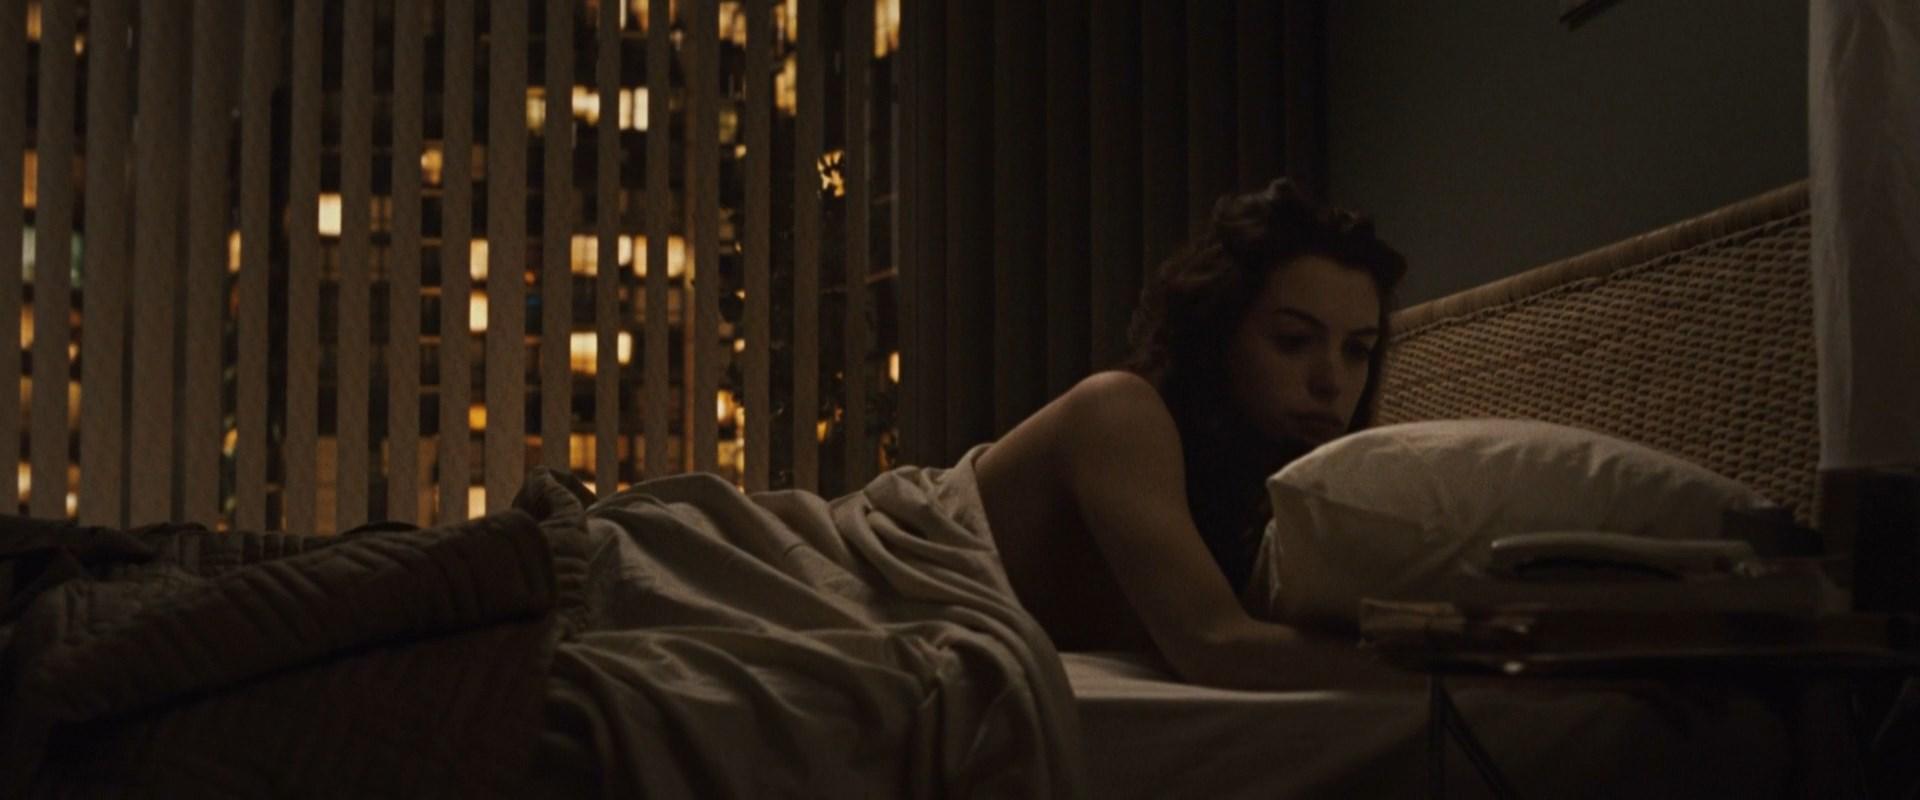 Free nude celebrity sex scenes — 1